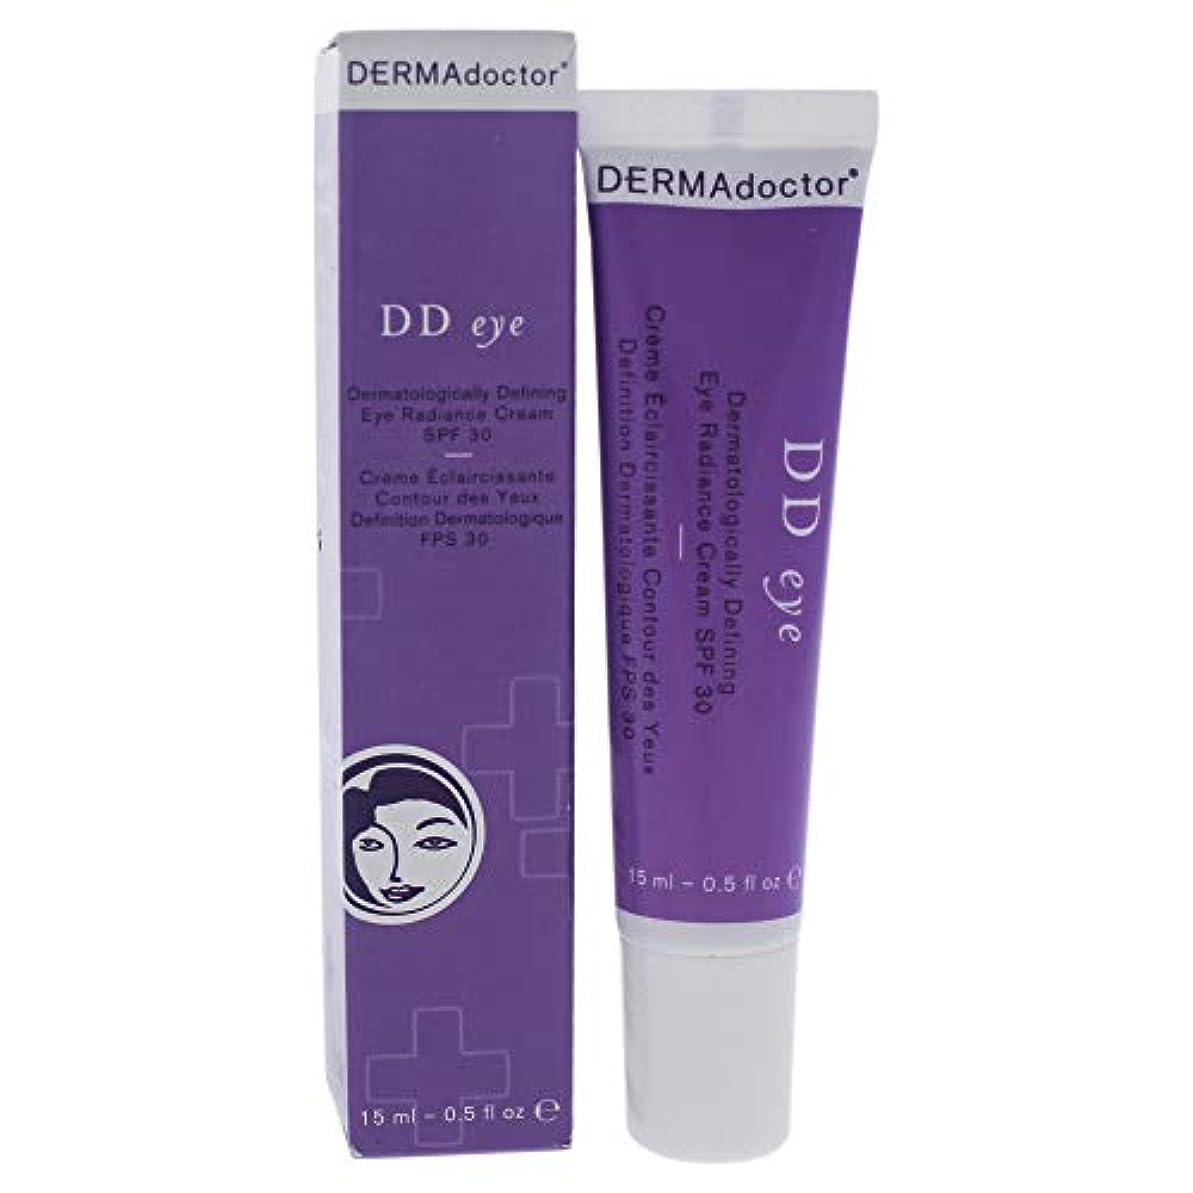 試してみるどちらもうそつきDD Eye Dermatologically Defining Radiance Cream SPF 30